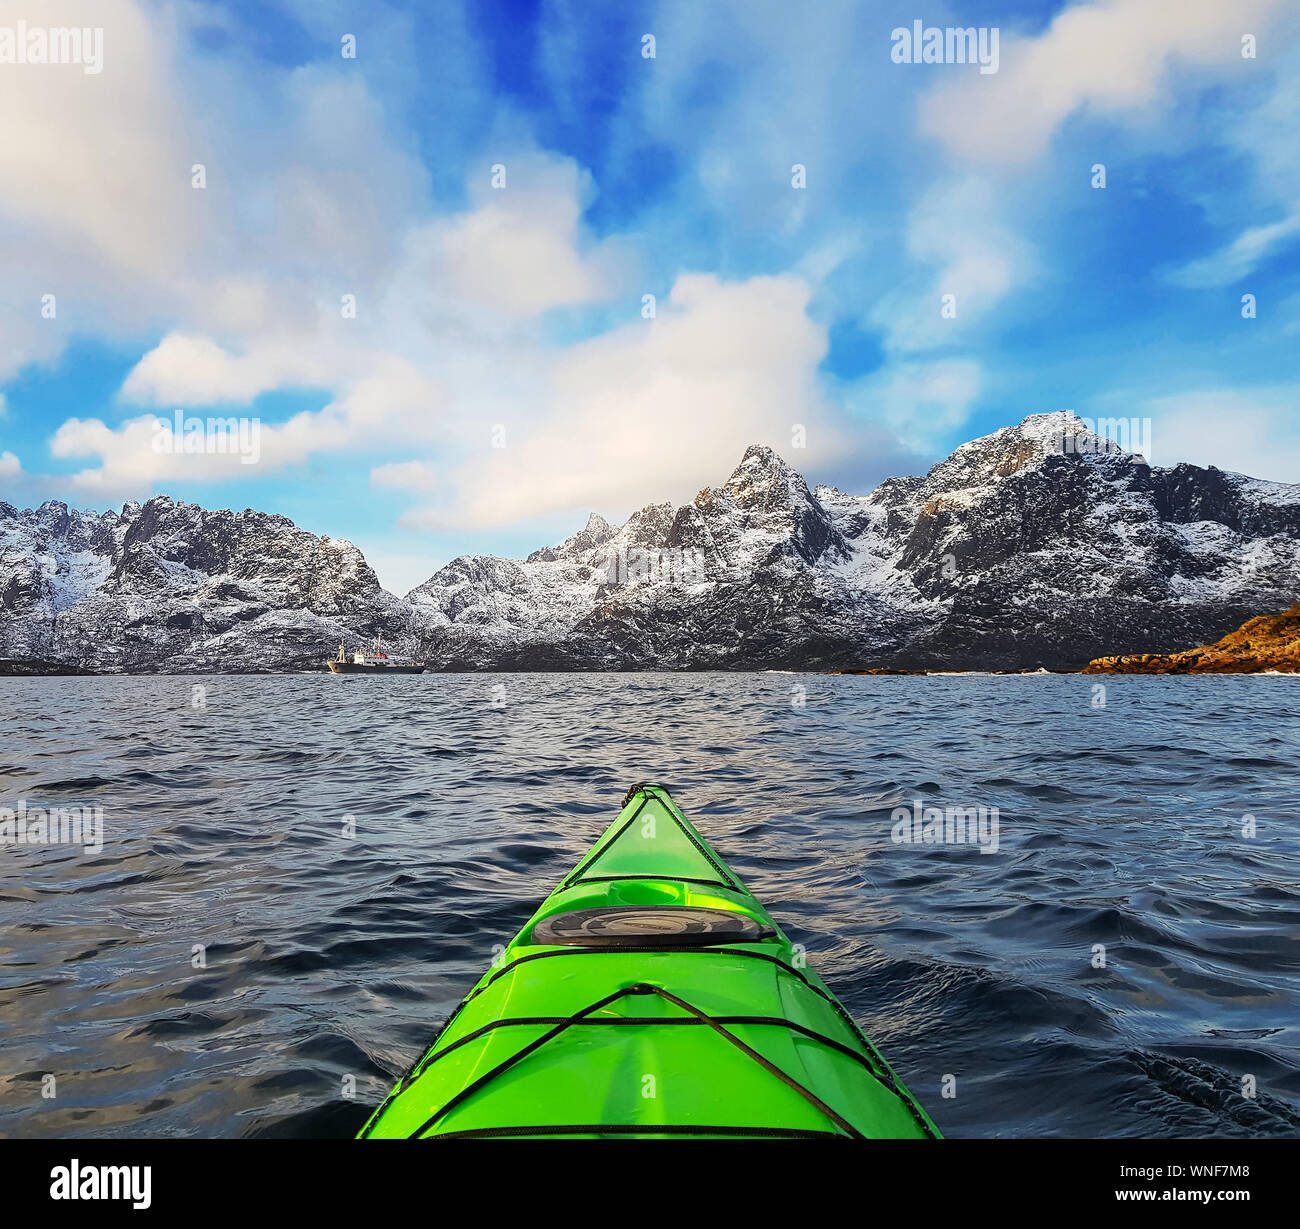 Petit kayak dans le fjord de la baie verte dans les Lofoten, entouré de montagnes de neige et ciel bleu. La Norvège Banque D'Images